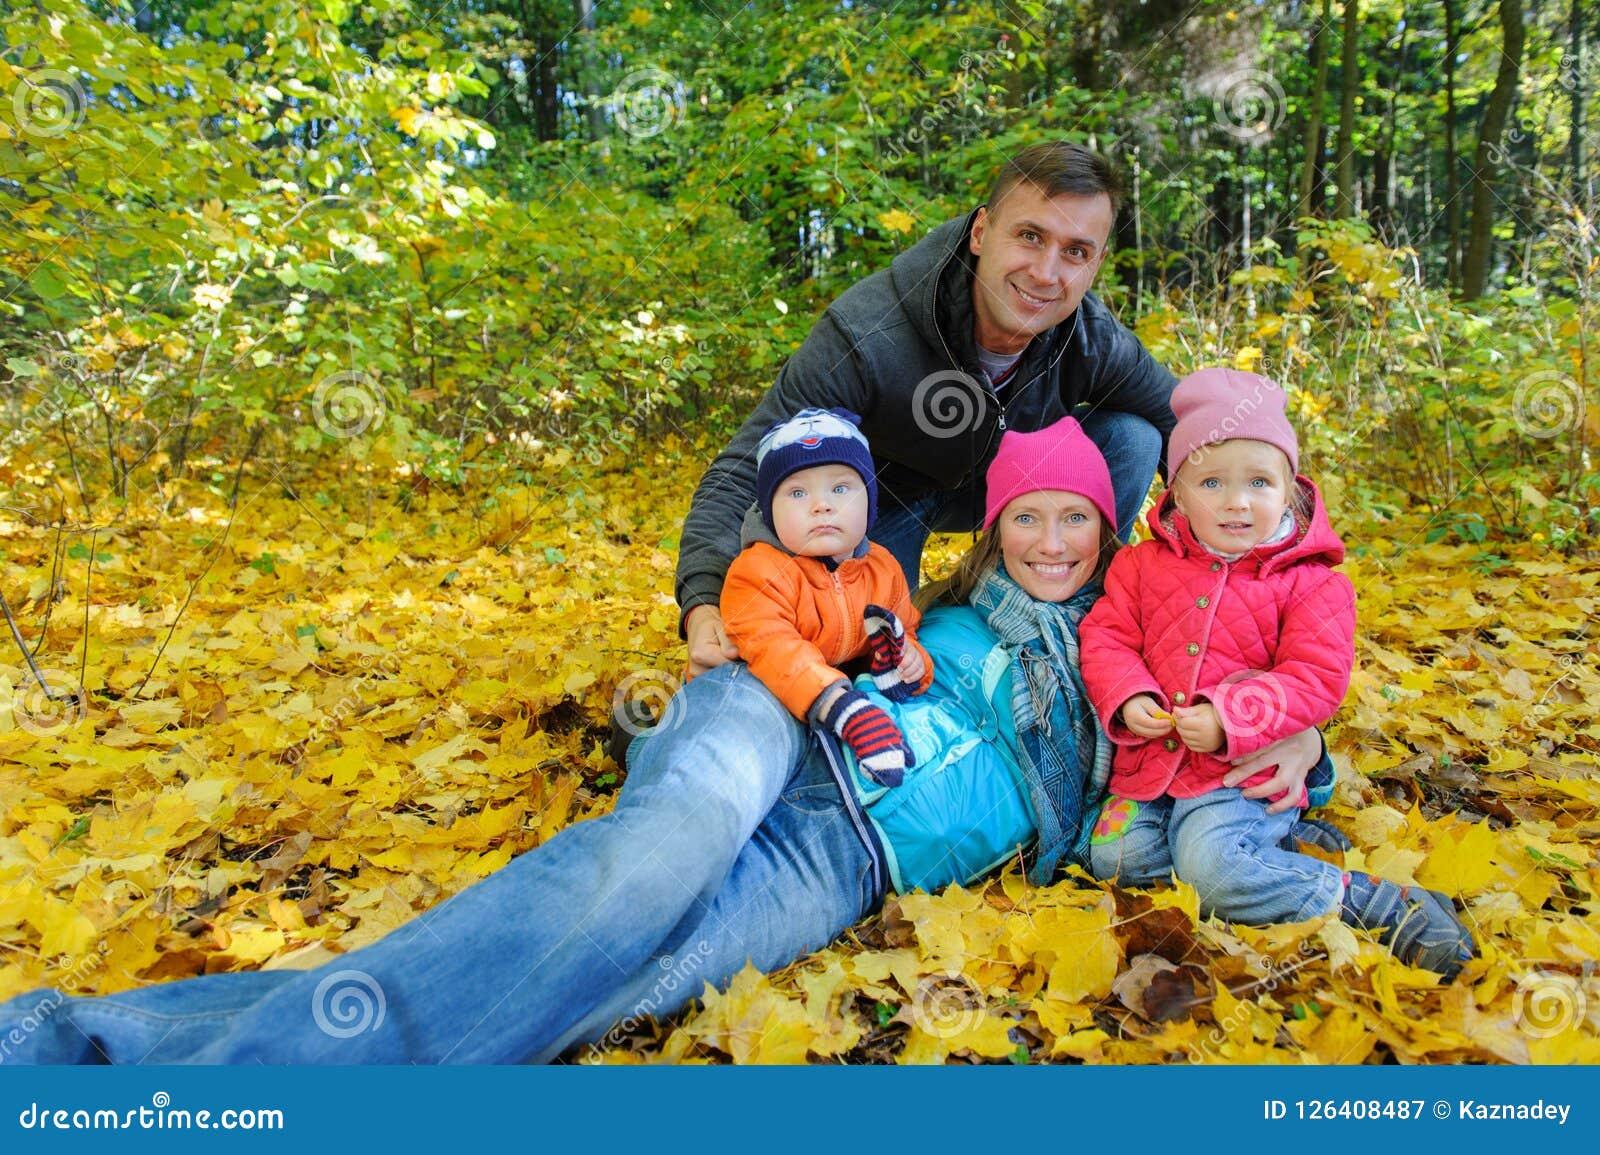 12bfa83df2bc19 Família De Quatro Pessoas Feliz No Parque Do Outono Na Folha Amarela ...